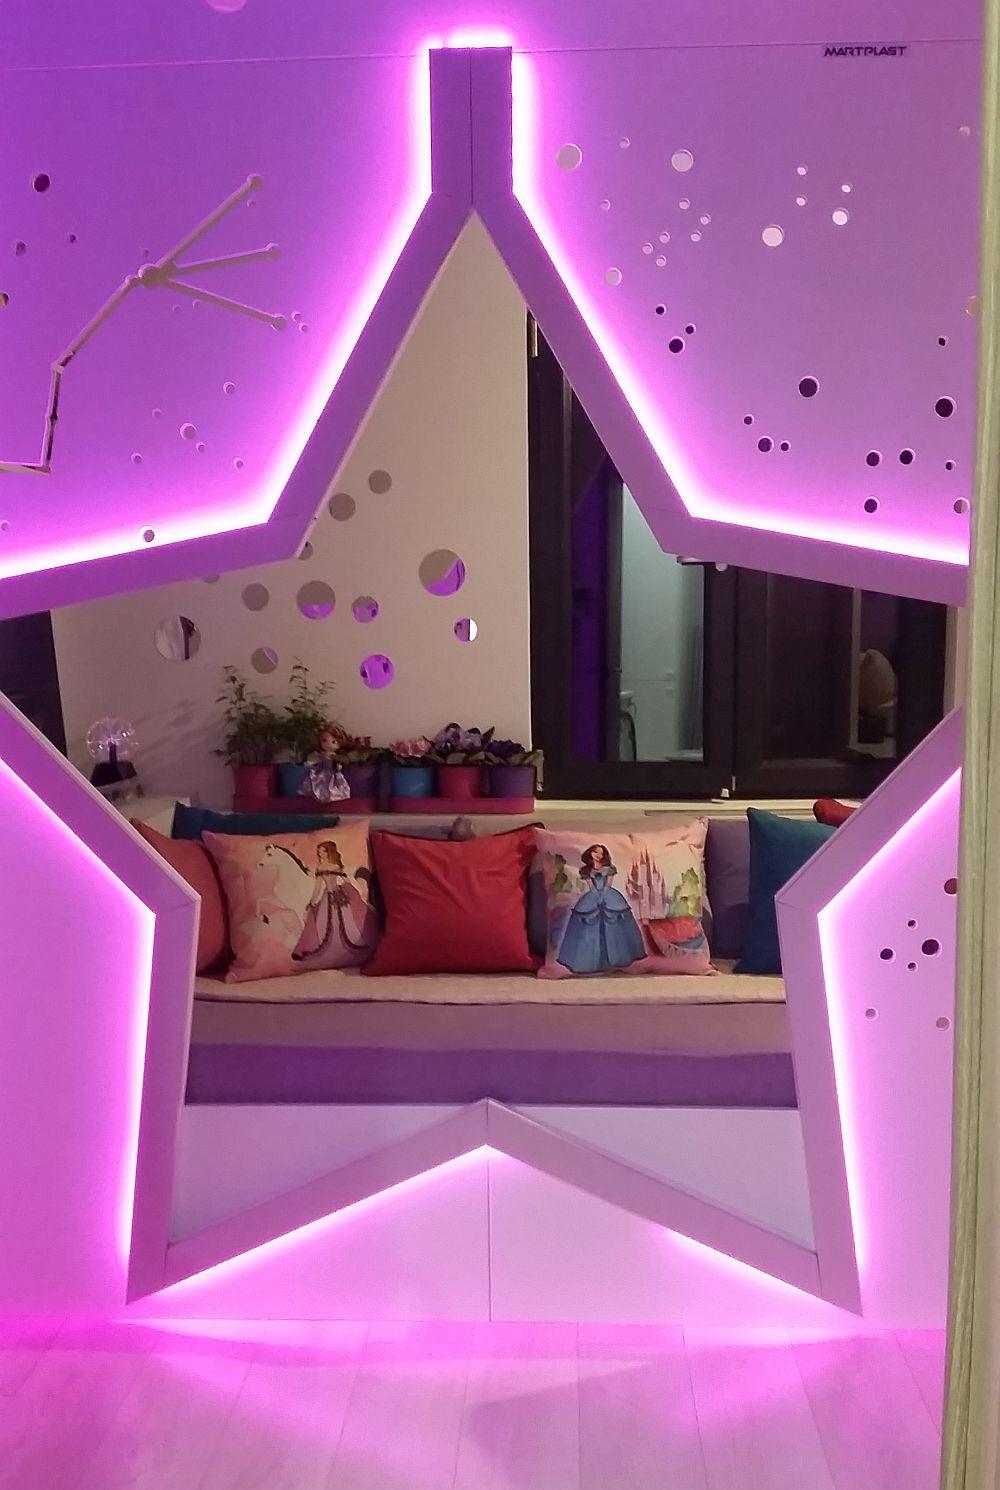 Patul este ca un culcuș configurat la fereastră pentru ca Anastasia să poată privi cerul și din pat atunci când dorește.